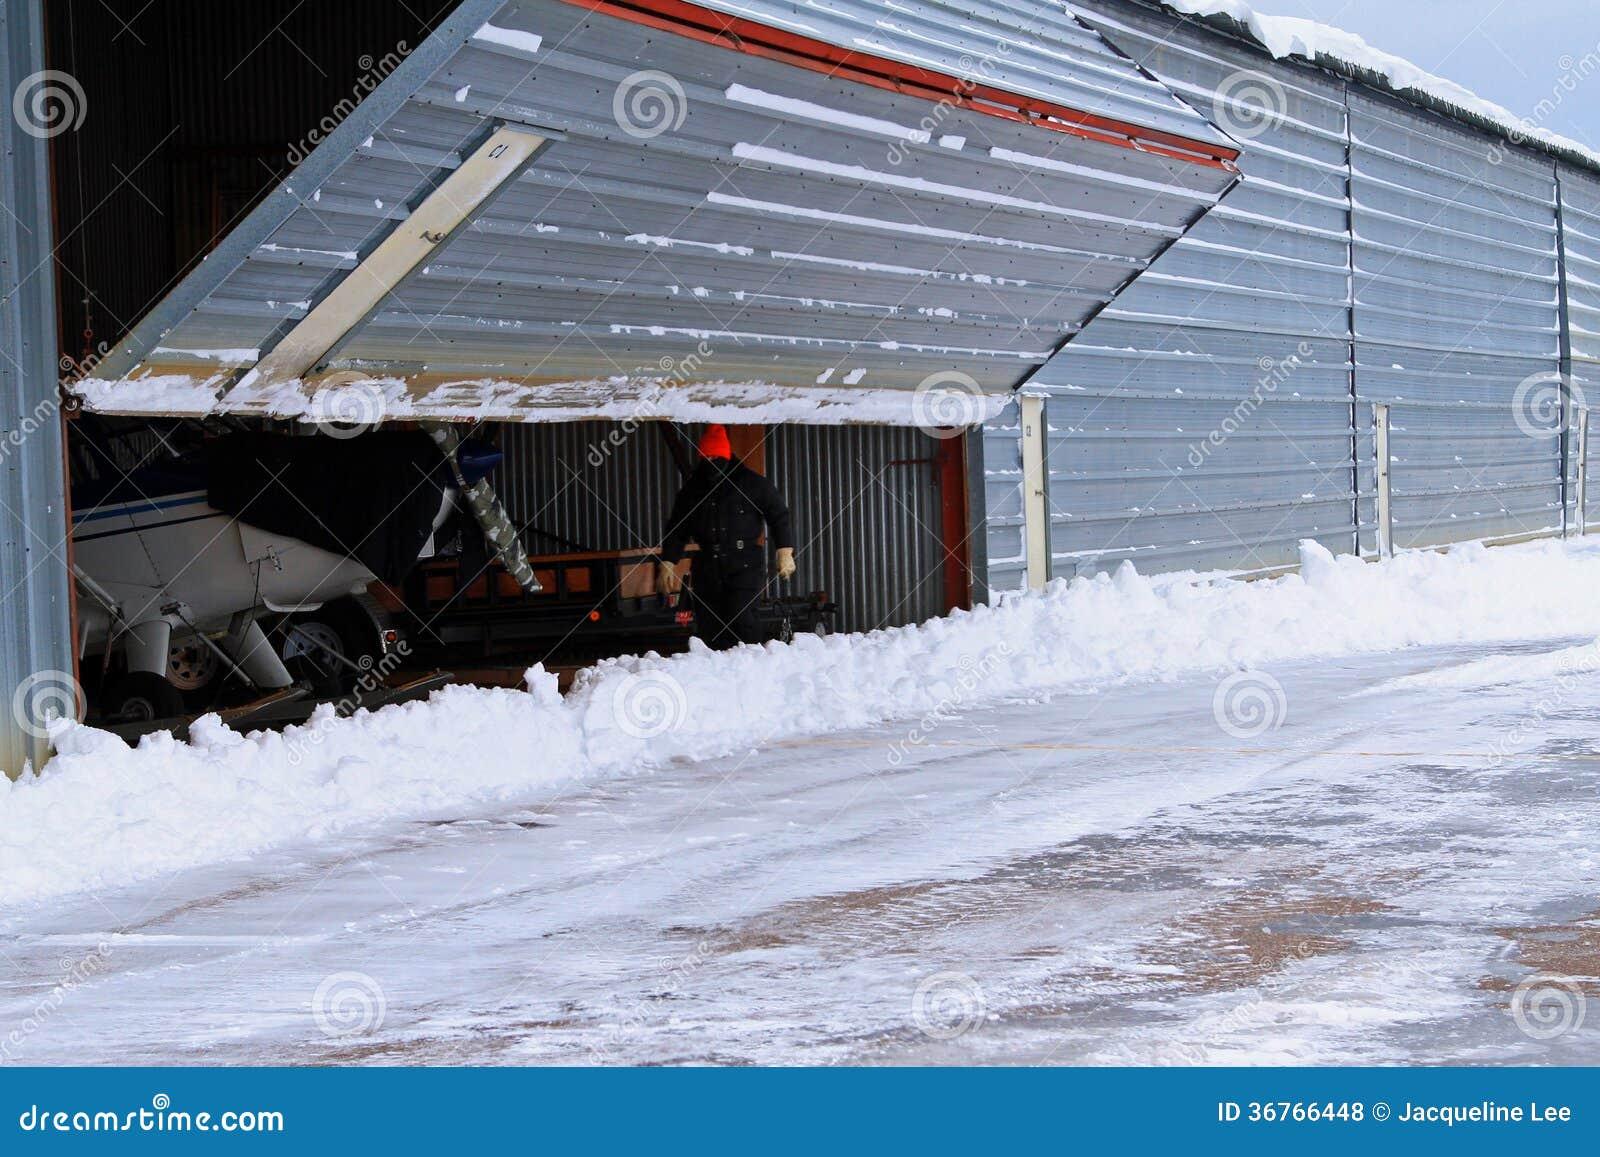 Neige de porte de hangar d 39 a roport d 39 ouverture d 39 homme for Porte hangar